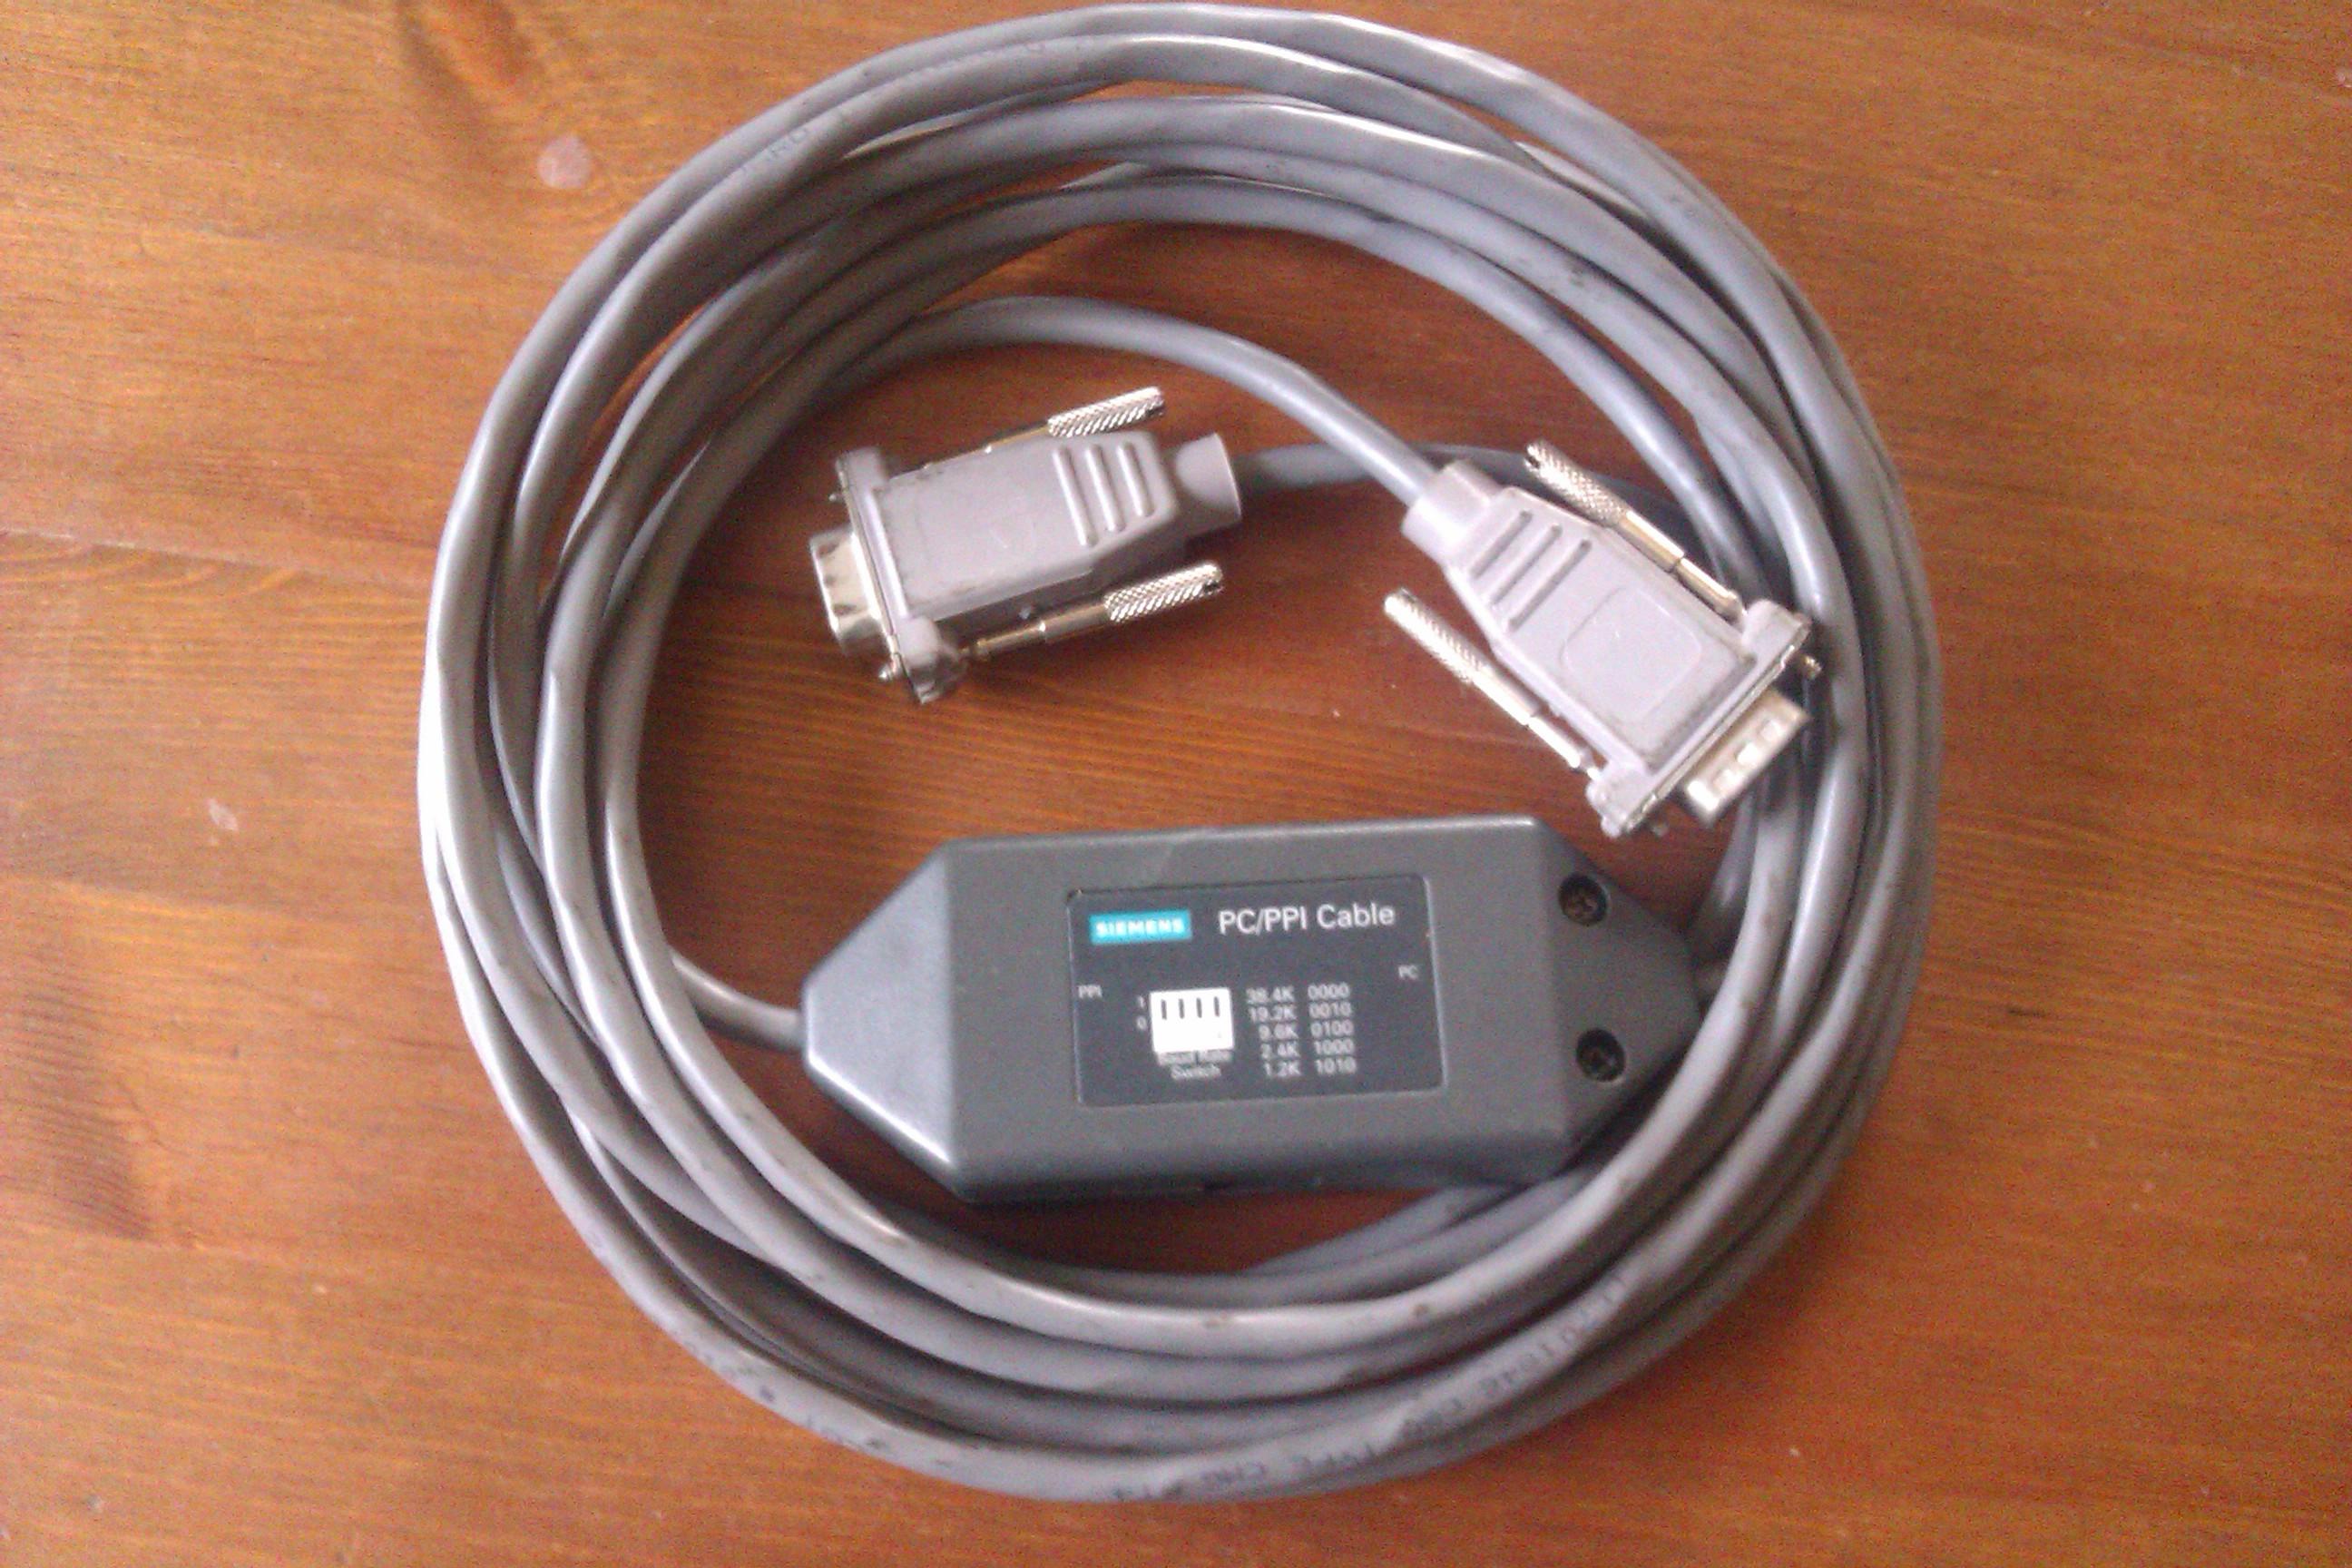 [Sprzedam] Kabel Siemens PC-PPI